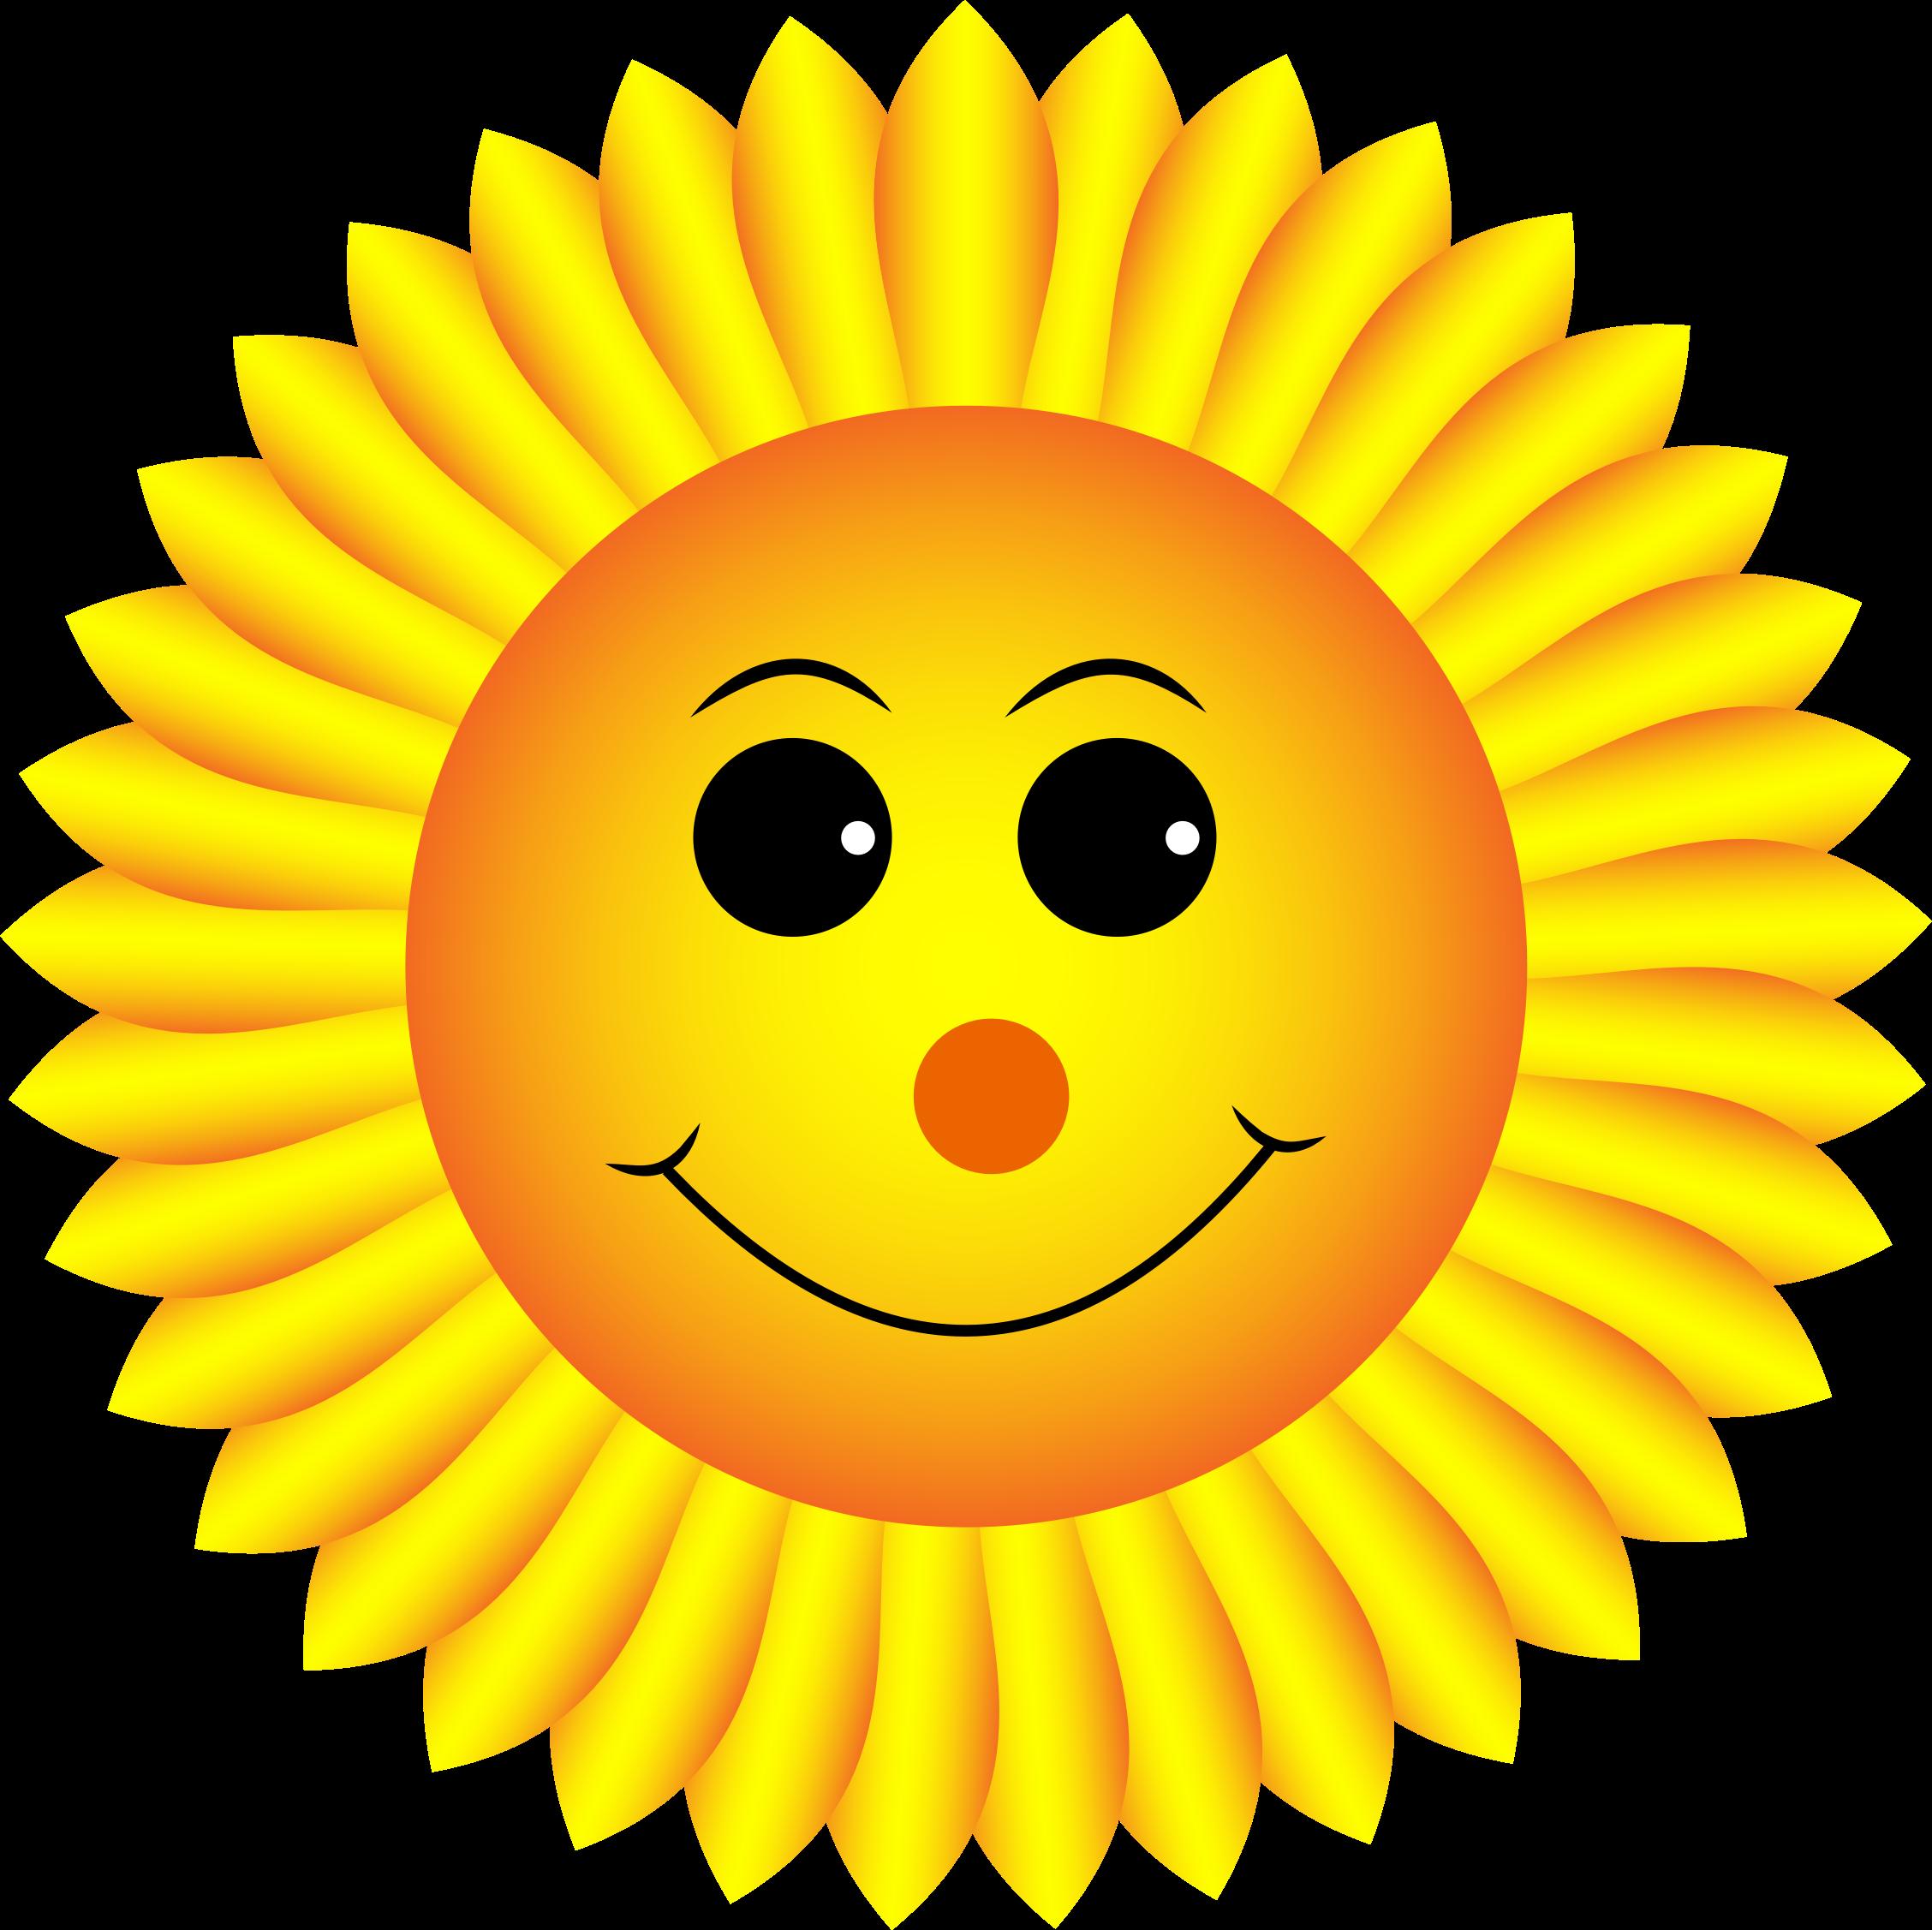 Smileys clipart sunflower Smiley Sunflower Smiley Clipart Sunflower